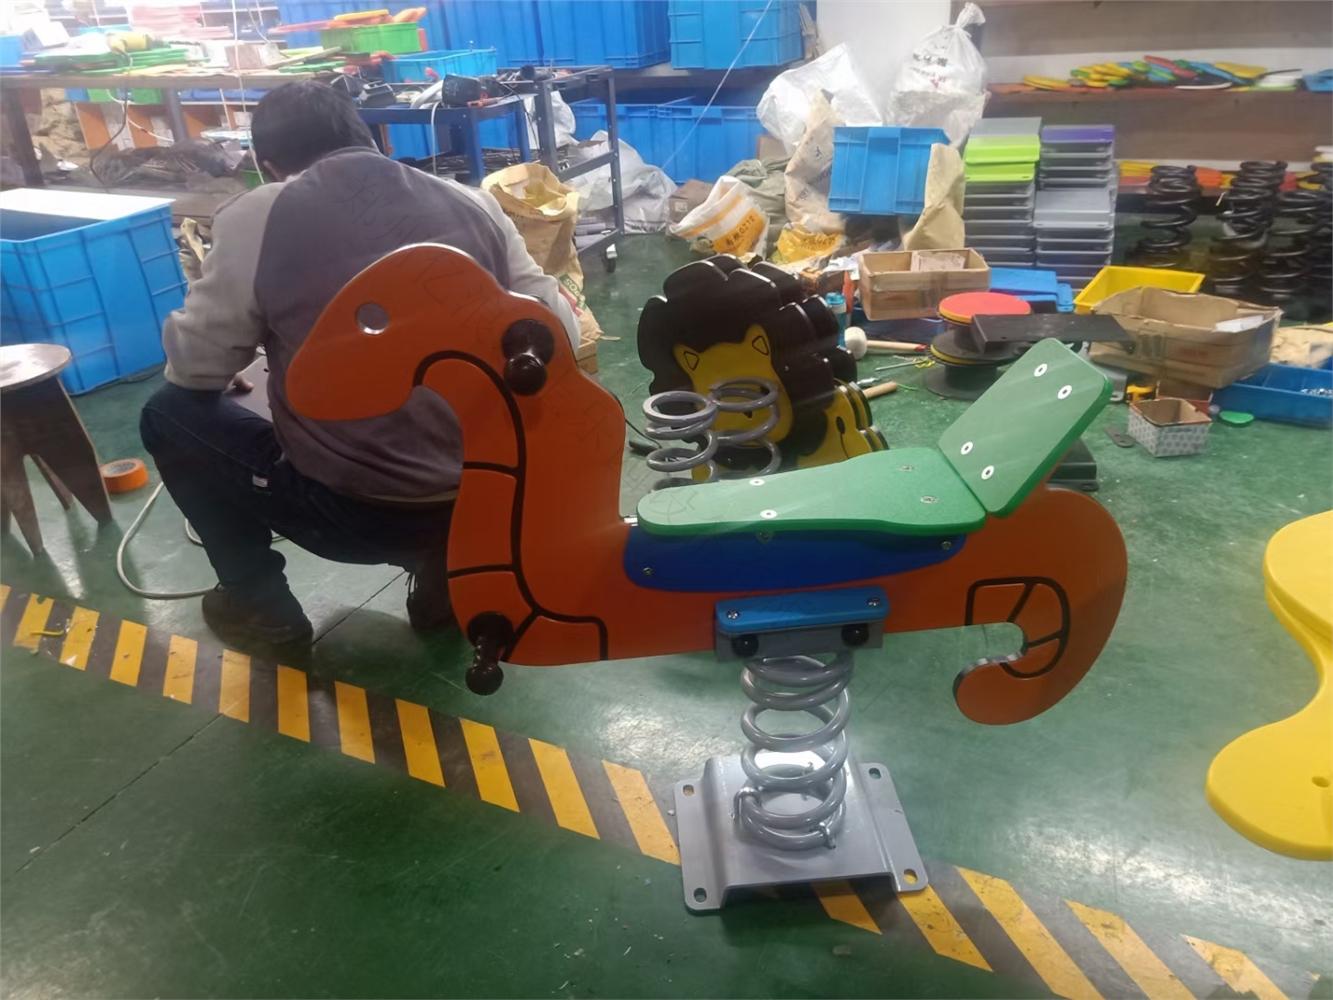 无动力游乐设施 生产厂家 哪家好 公司 厂商 厂家供应